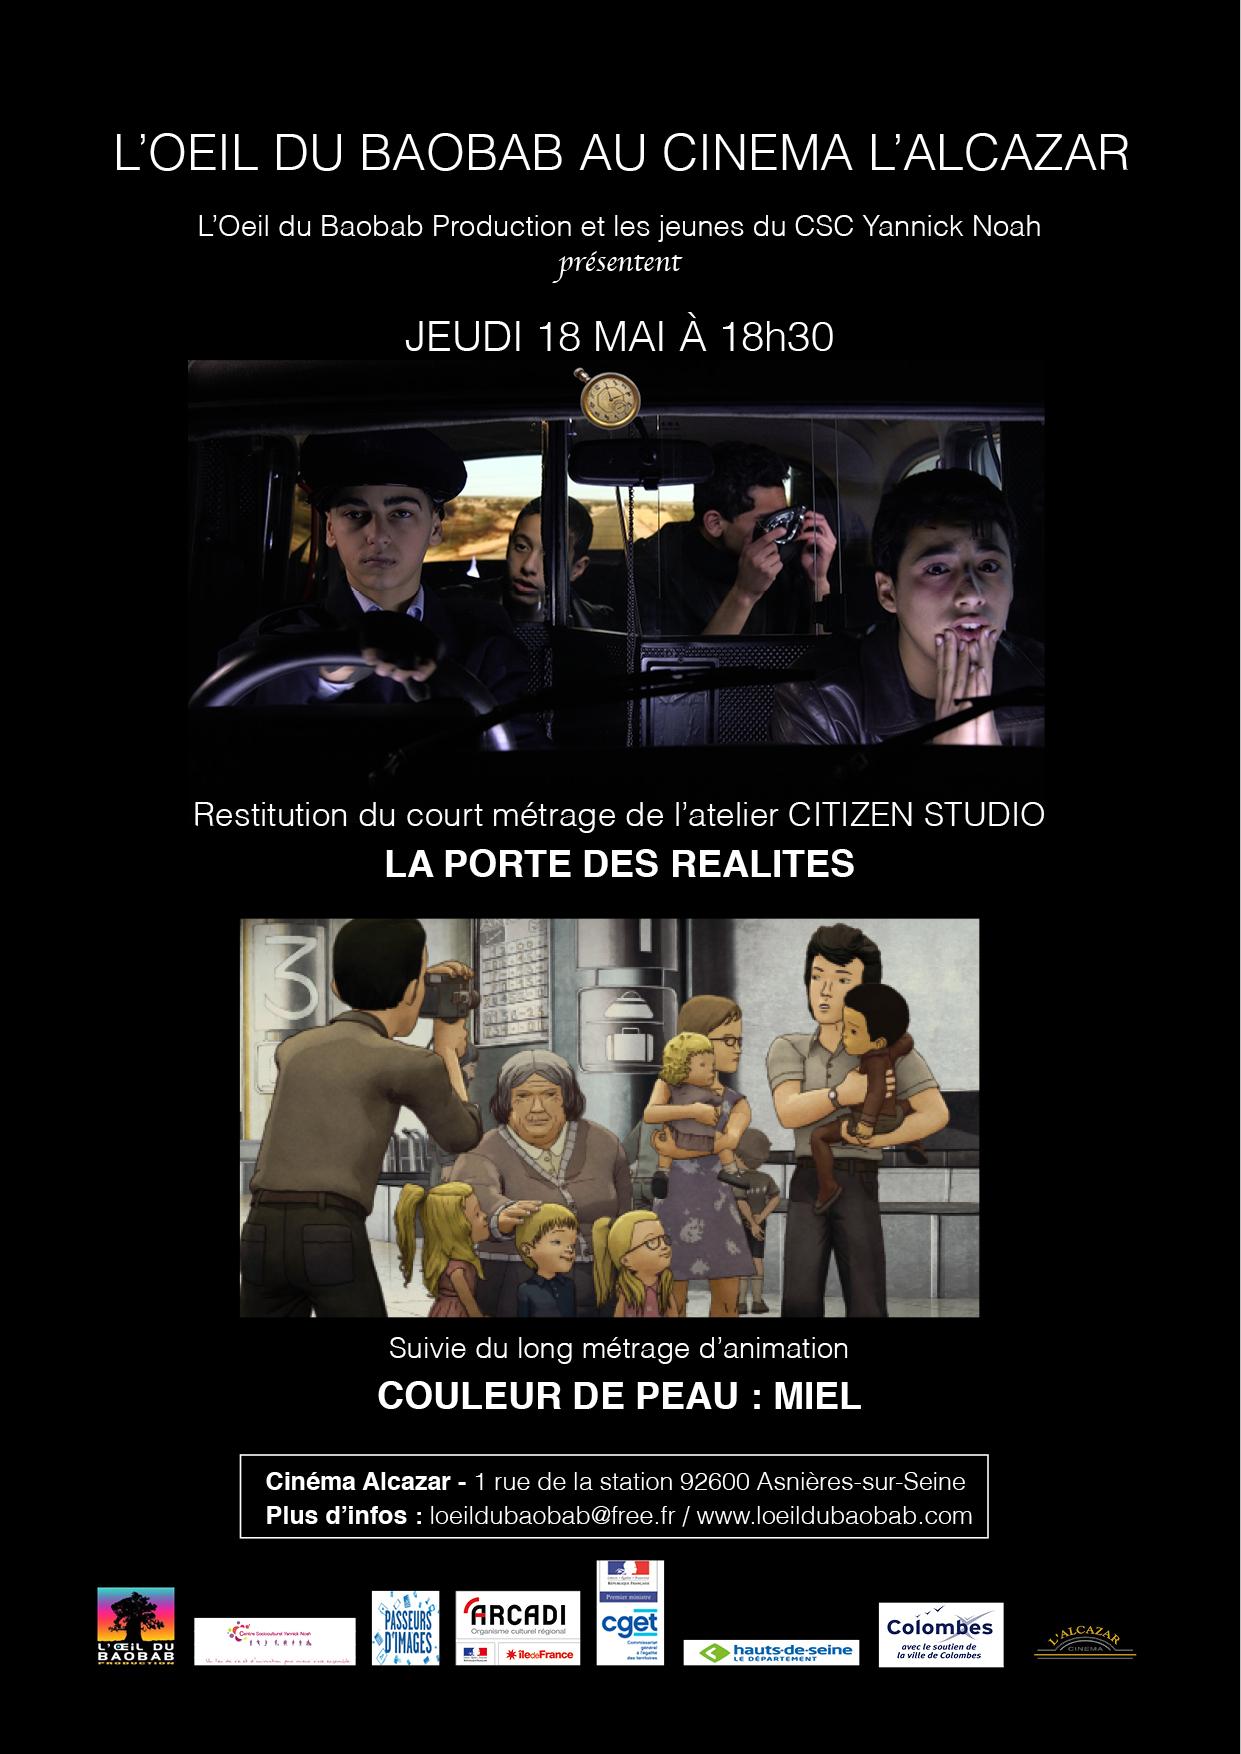 Jeudi 18 mai à 18h30 - Affiche de la séance de restitution de l'atelier Citizen Studio au cinéma L'Alcazar (Asnières-sur-Seine)